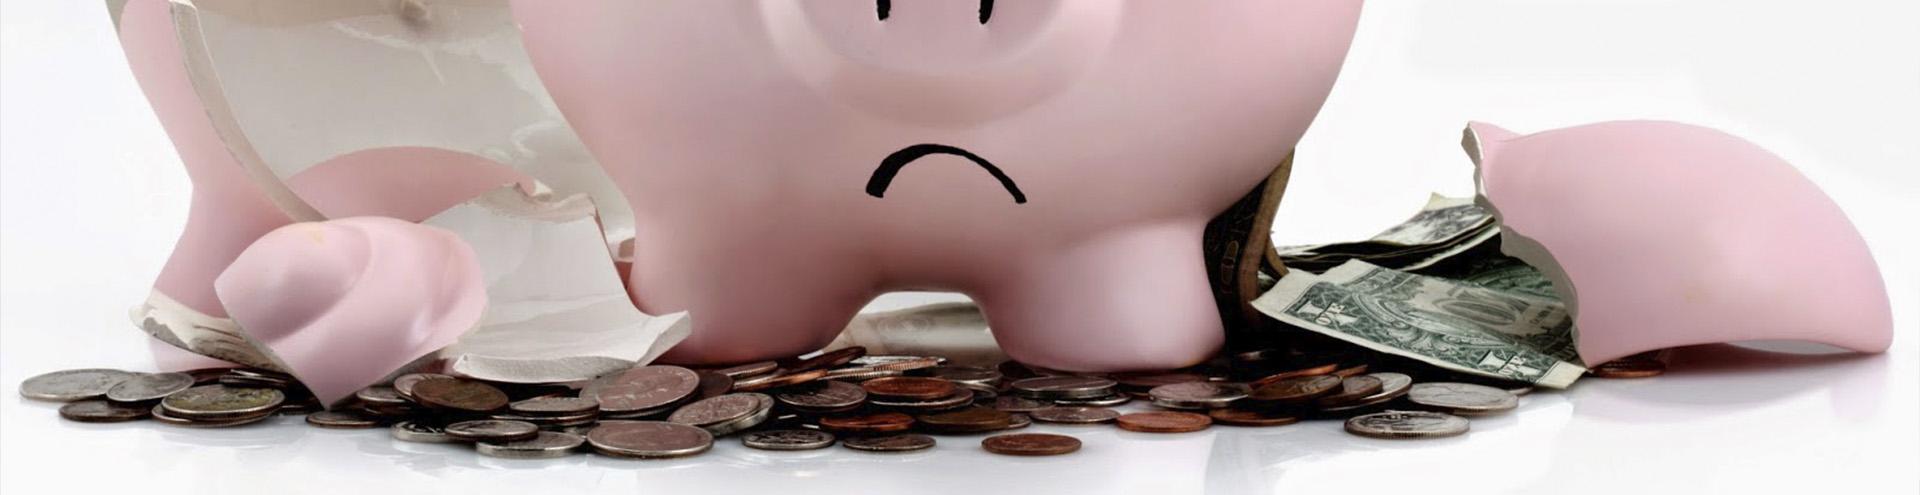 банкротство банка в Саратове